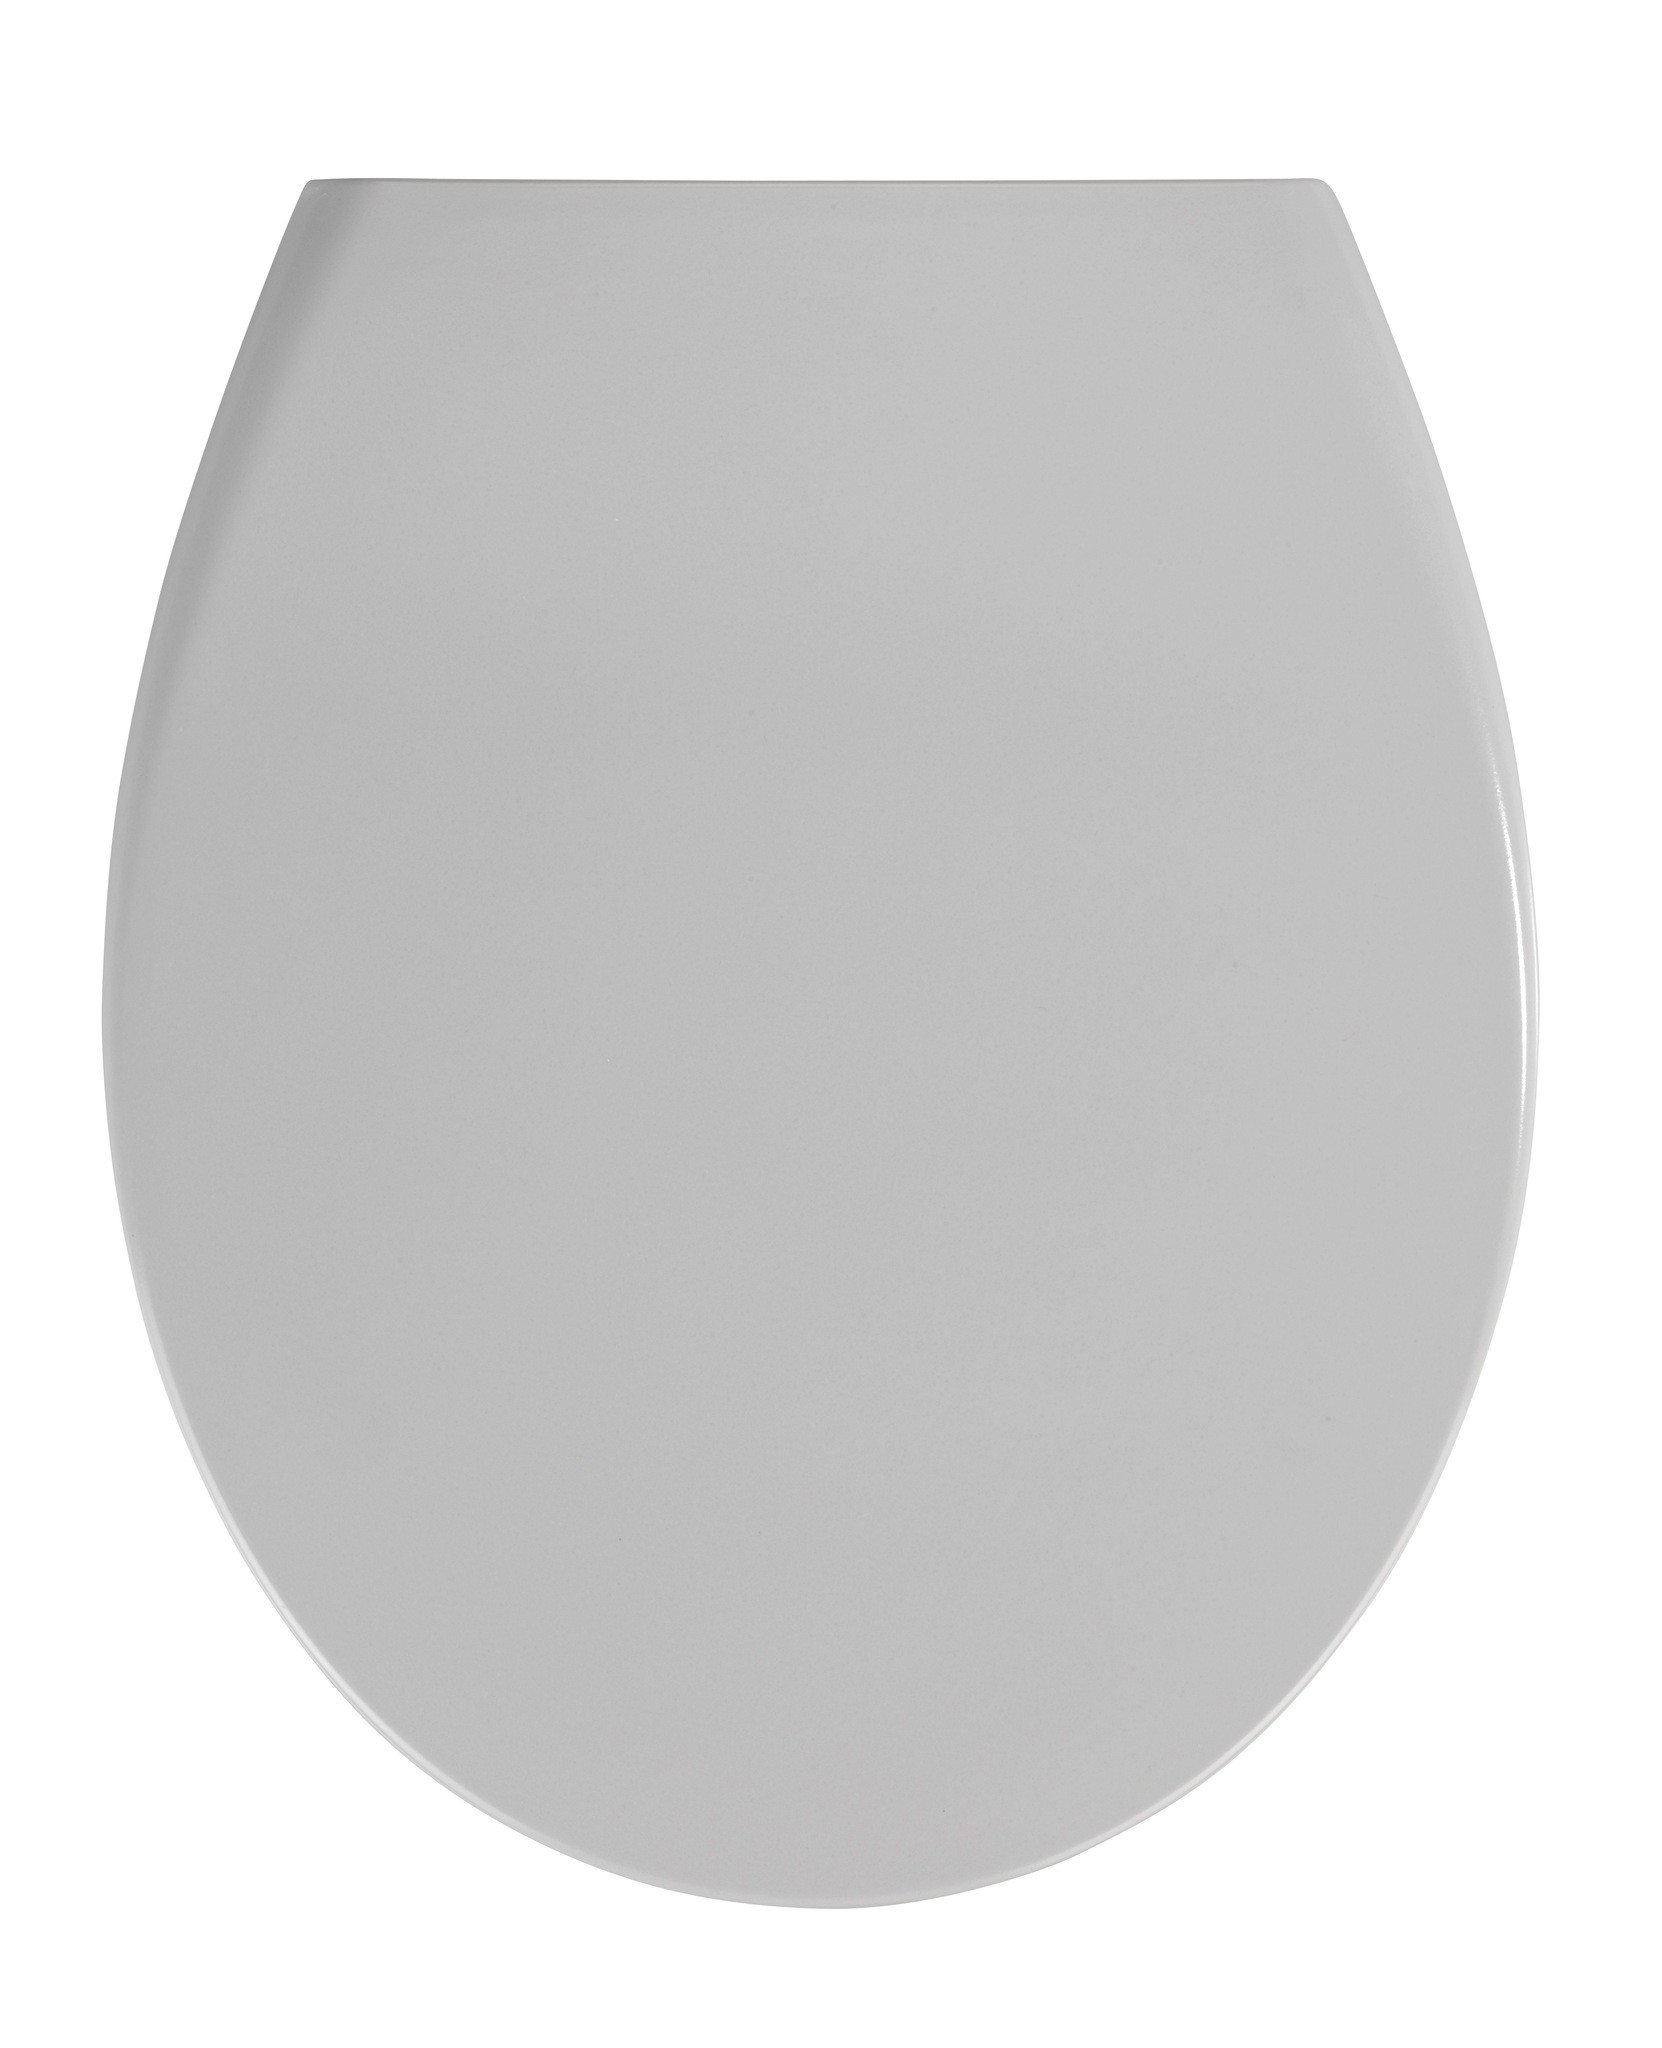 premium wc sitz samos concrete grey duroplast mit absenkautomatik von wenko jetzt kaufen bei. Black Bedroom Furniture Sets. Home Design Ideas